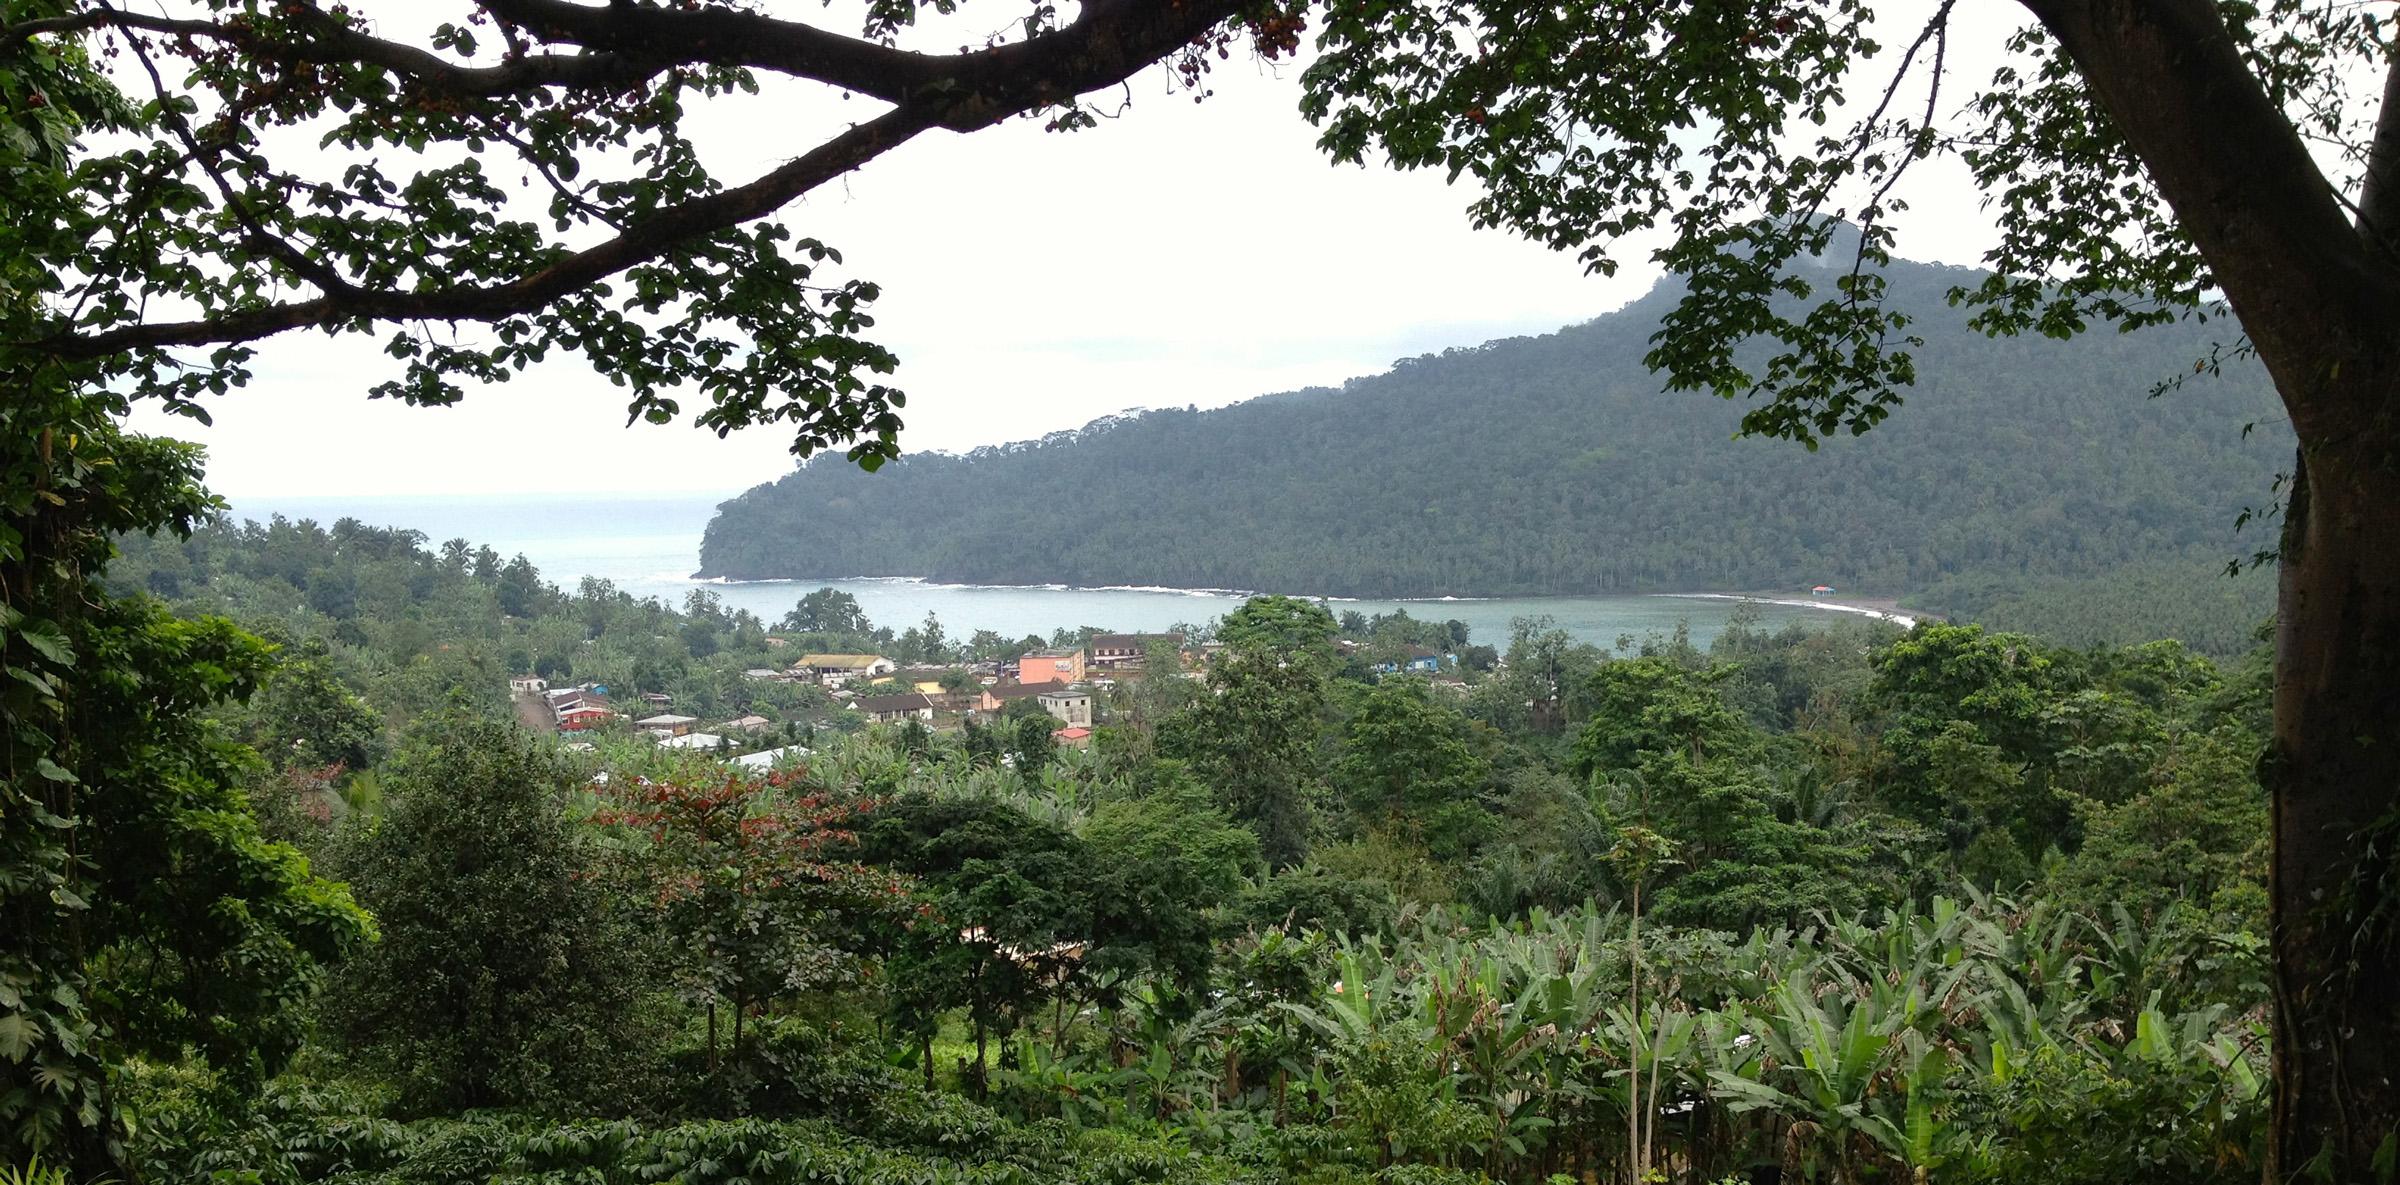 Sao Joao dos Angolares, São Tomé and Príncipe - by mp3ief